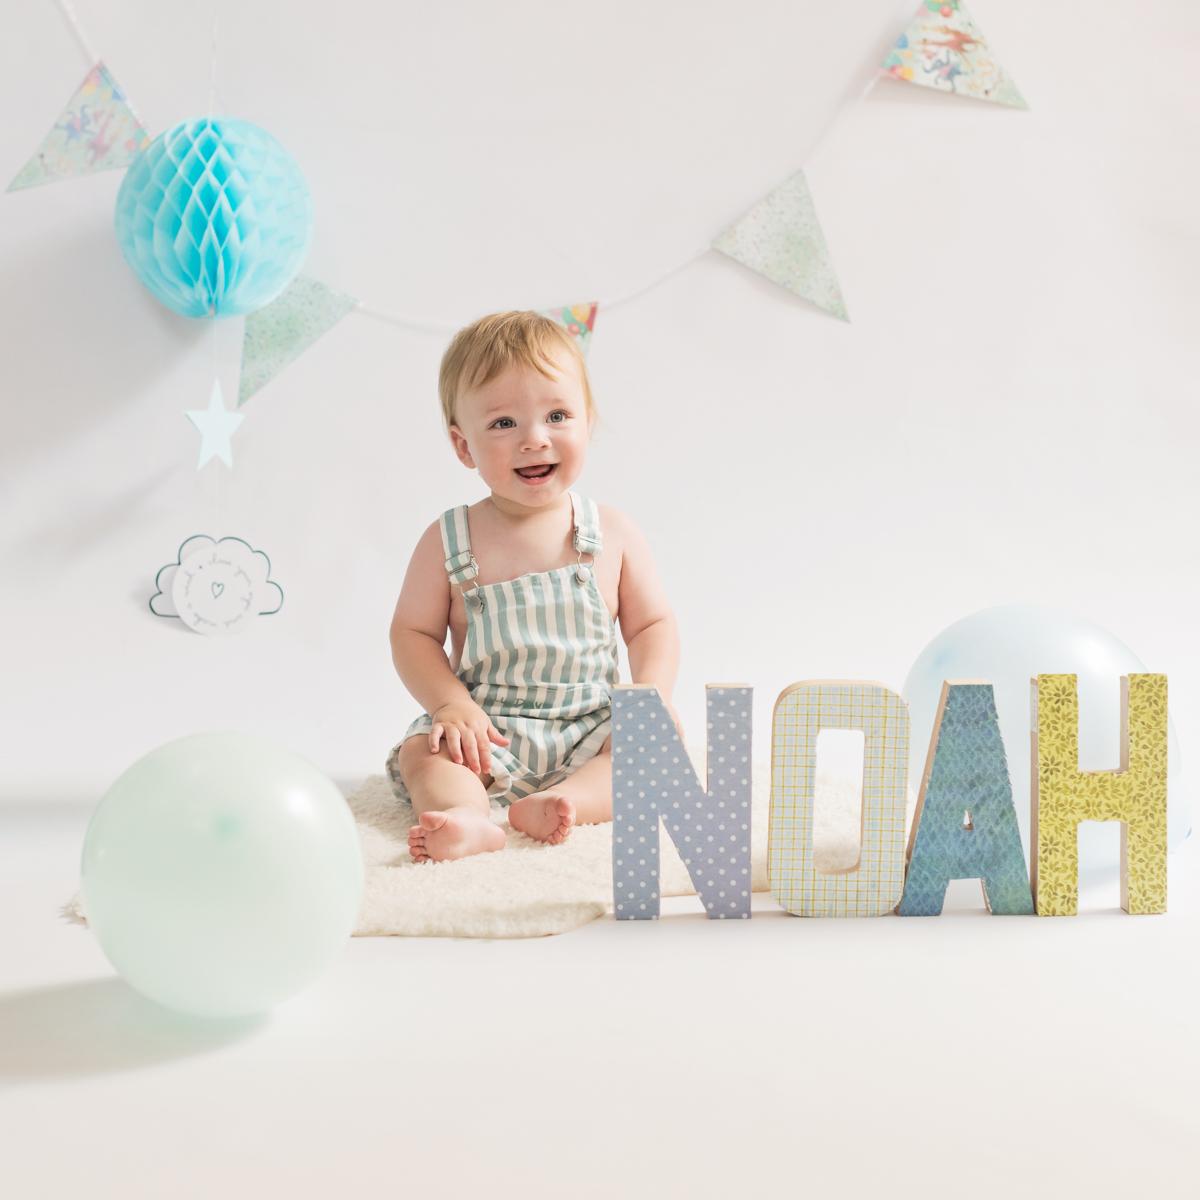 Cake Smash Shoot | Eerste verjaardag fotoshoot